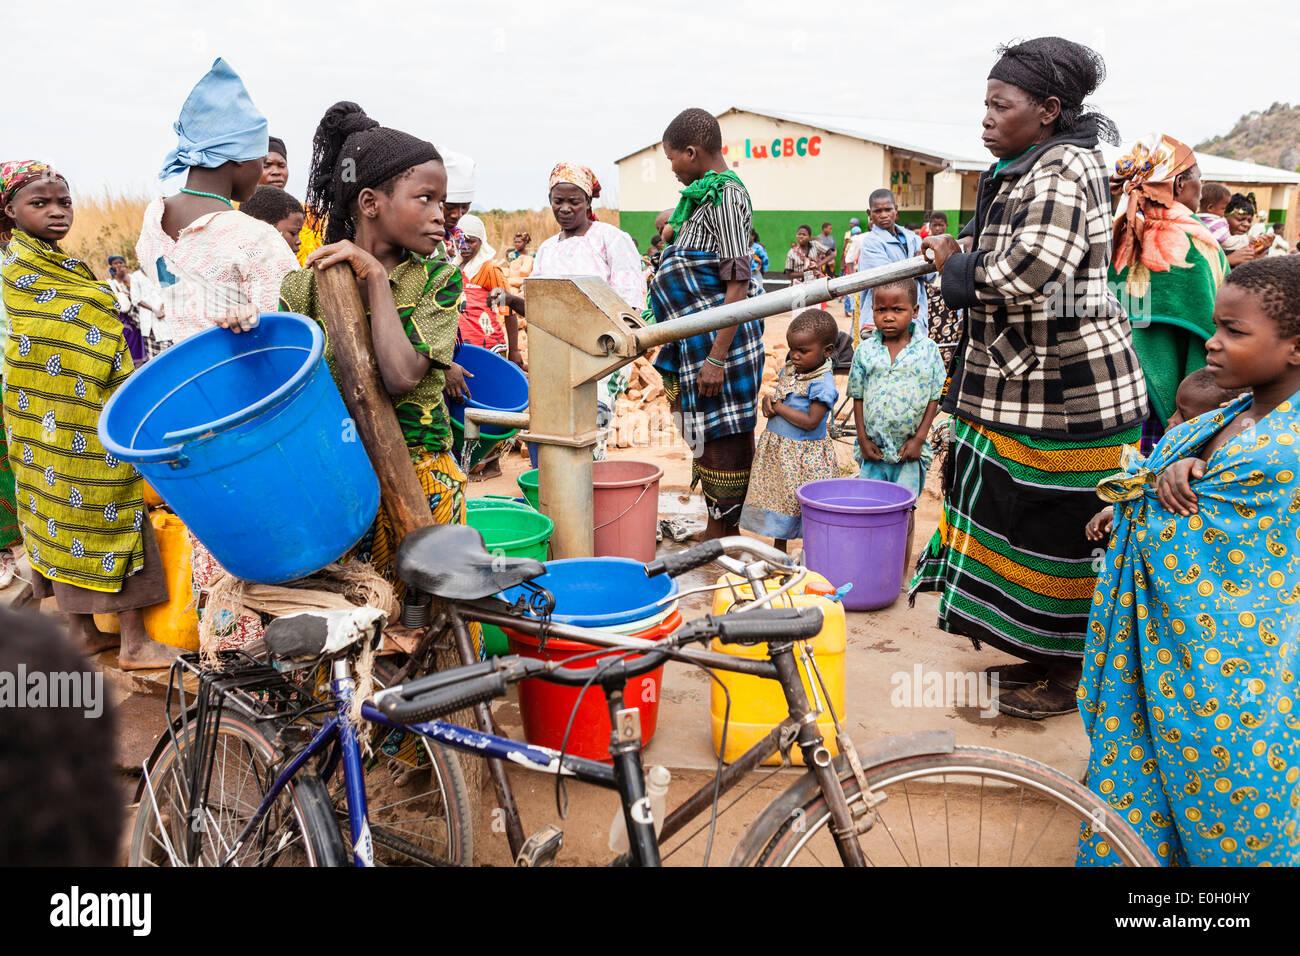 Frauen am Brunnen, Pumpe vor einer Schule im Dorf Machinga Peheriya, Malawi, Afrika Stockbild